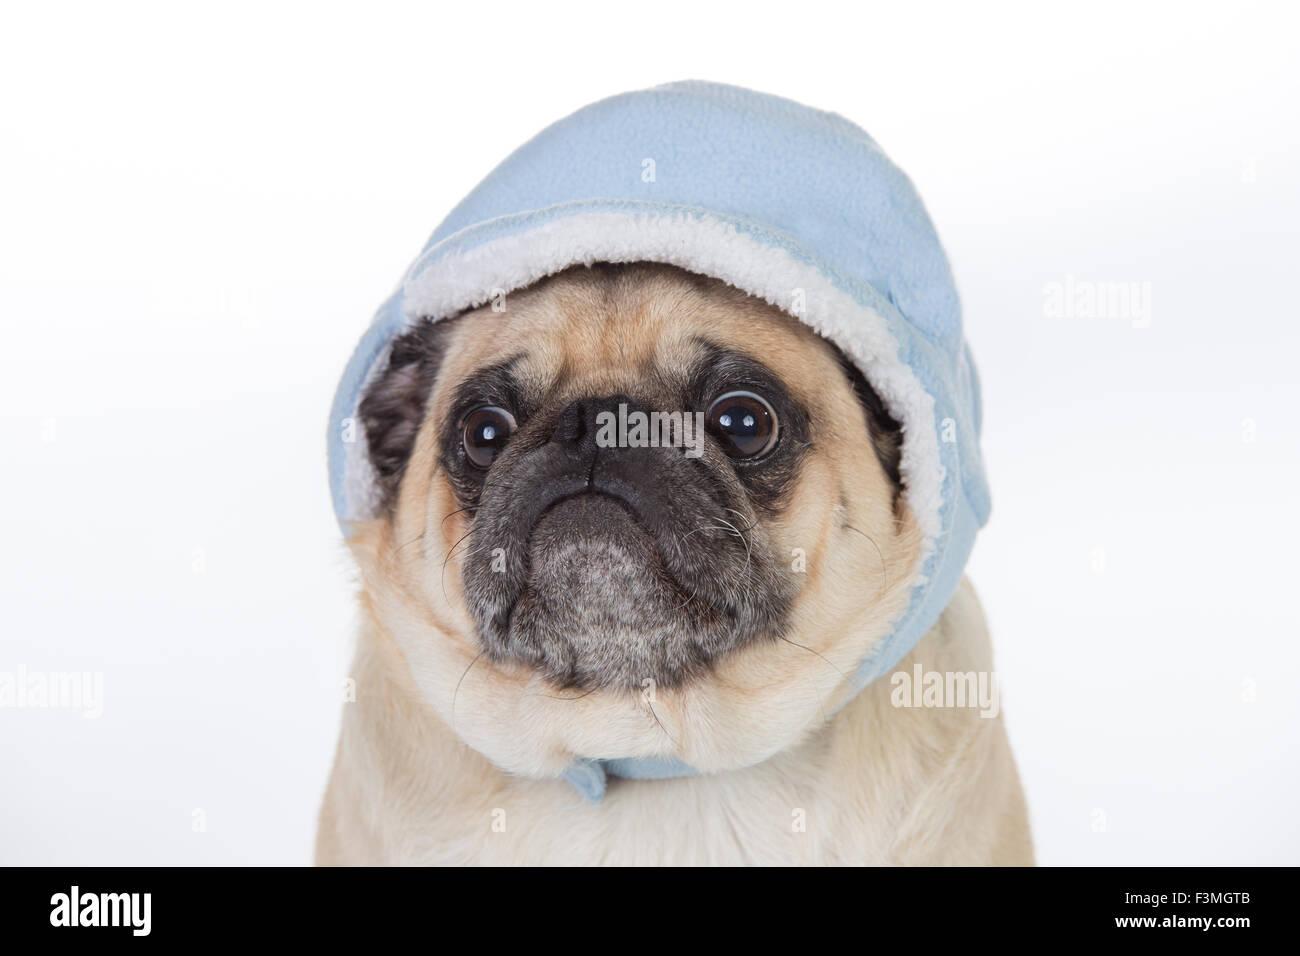 Humorous pug wearing baby beanie. - Stock Image